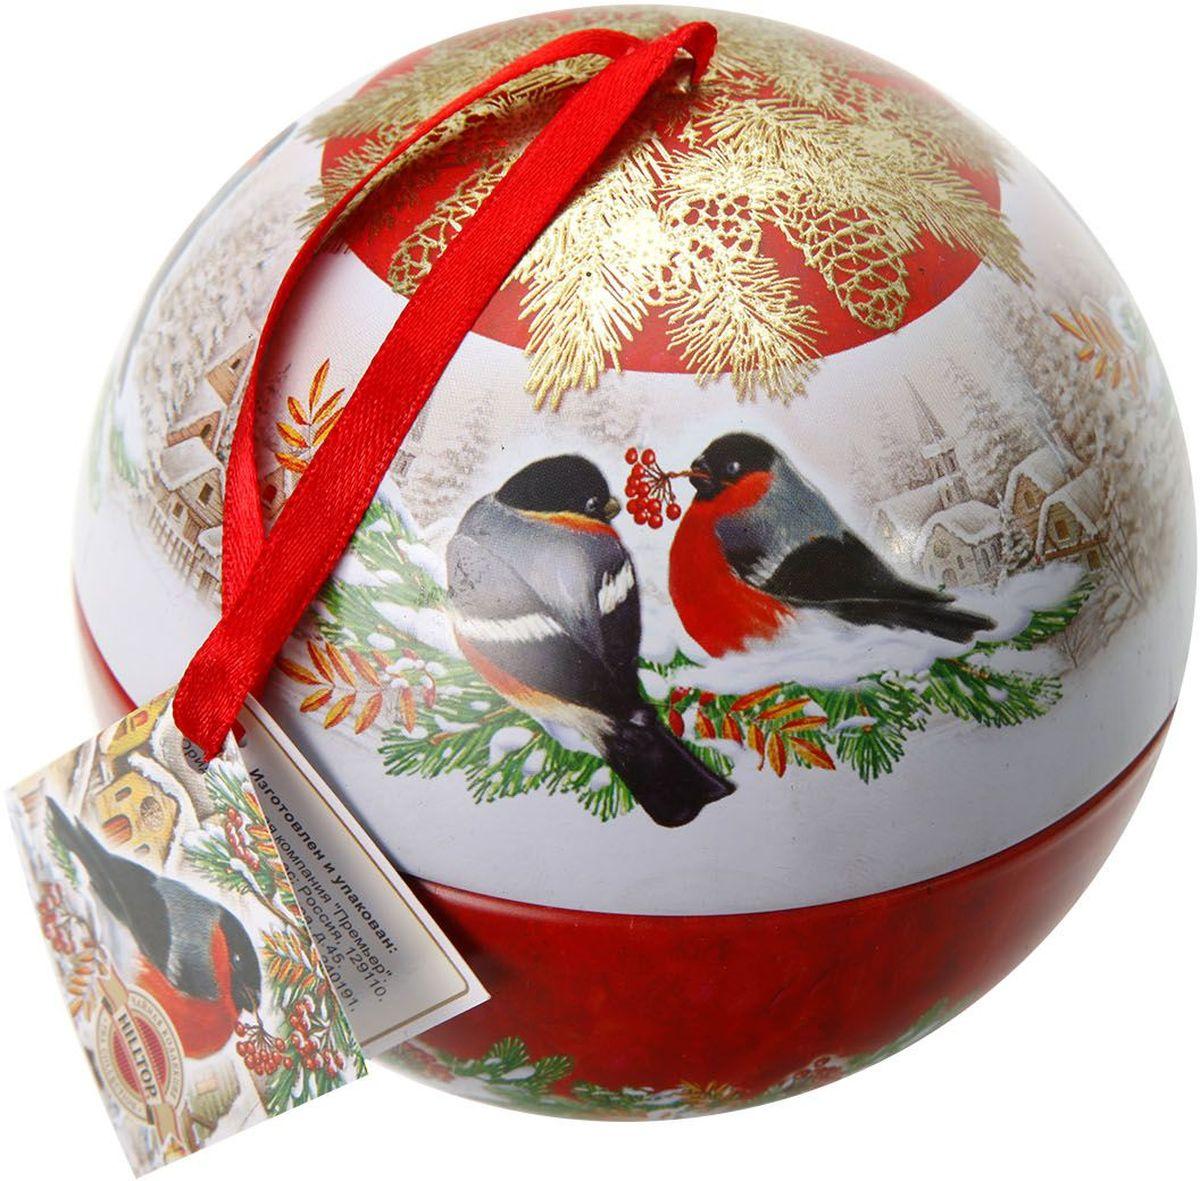 Hilltop Новогодний шар Морозный рассвет Королевское золото чай черный листовой, 80 г hilltop пасхальный подарок черное золото черный листовой чай 80 г